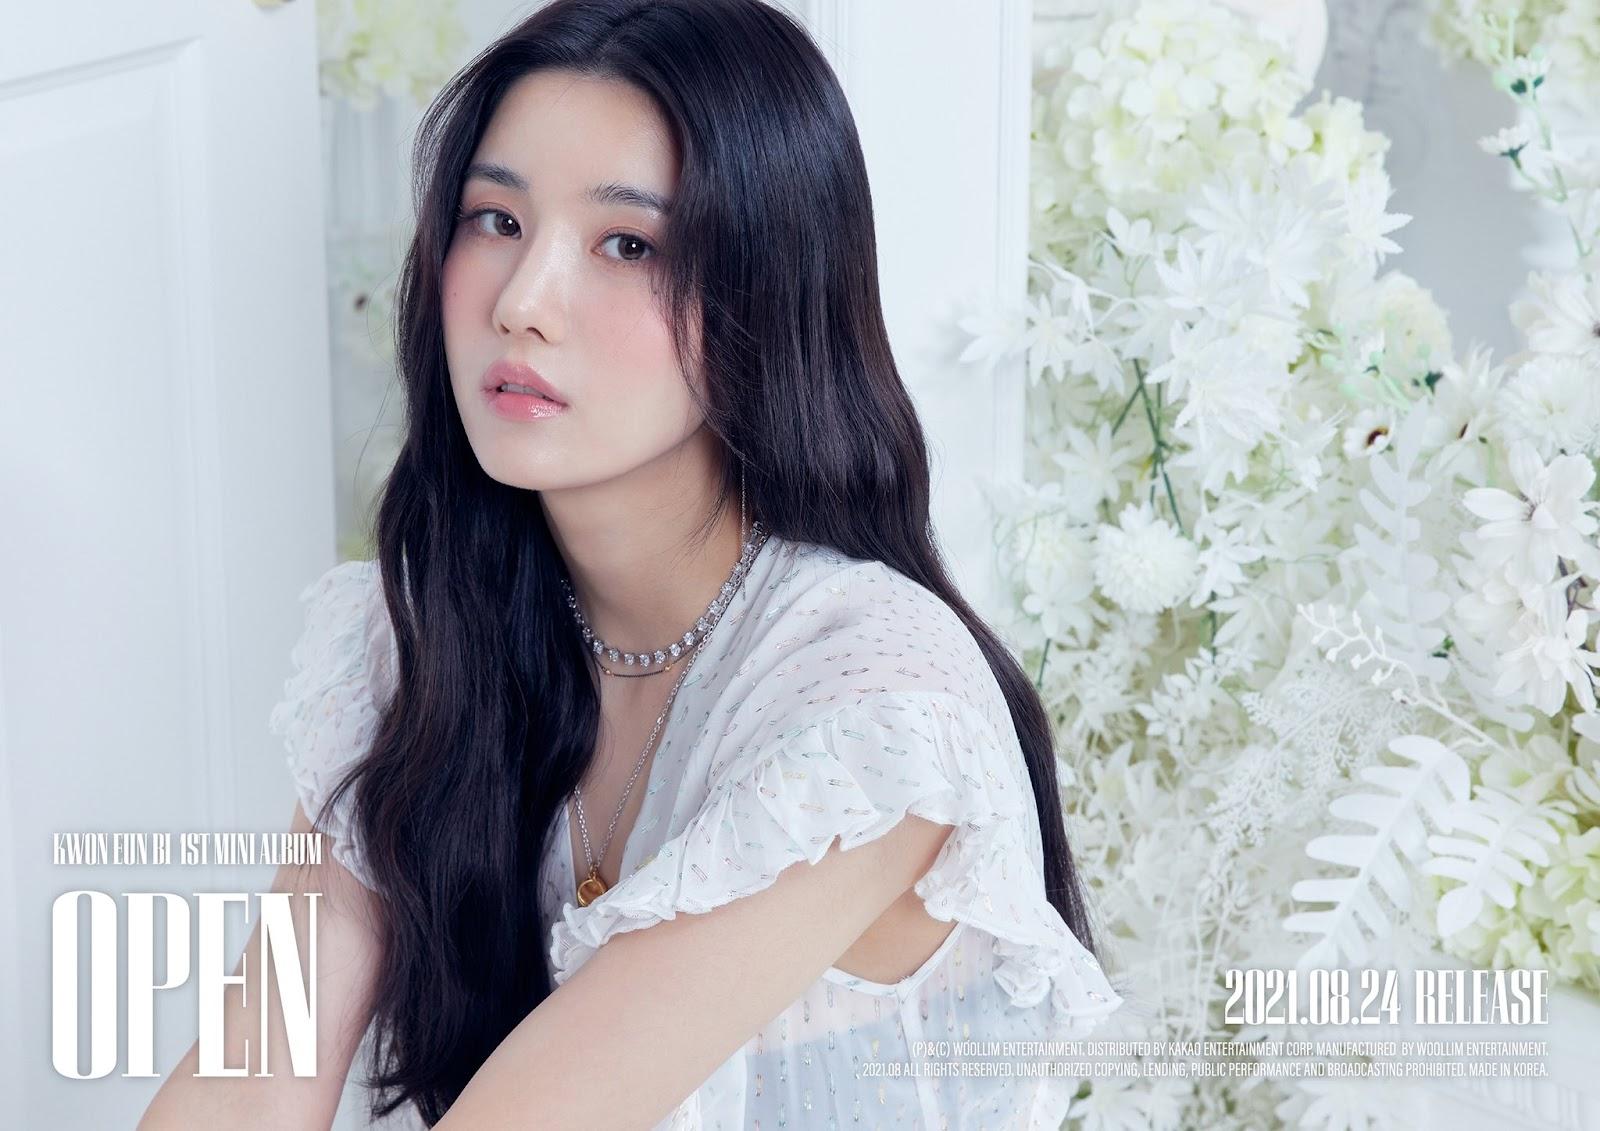 Kwon Eunbi hace su debut en solitario con OPEN